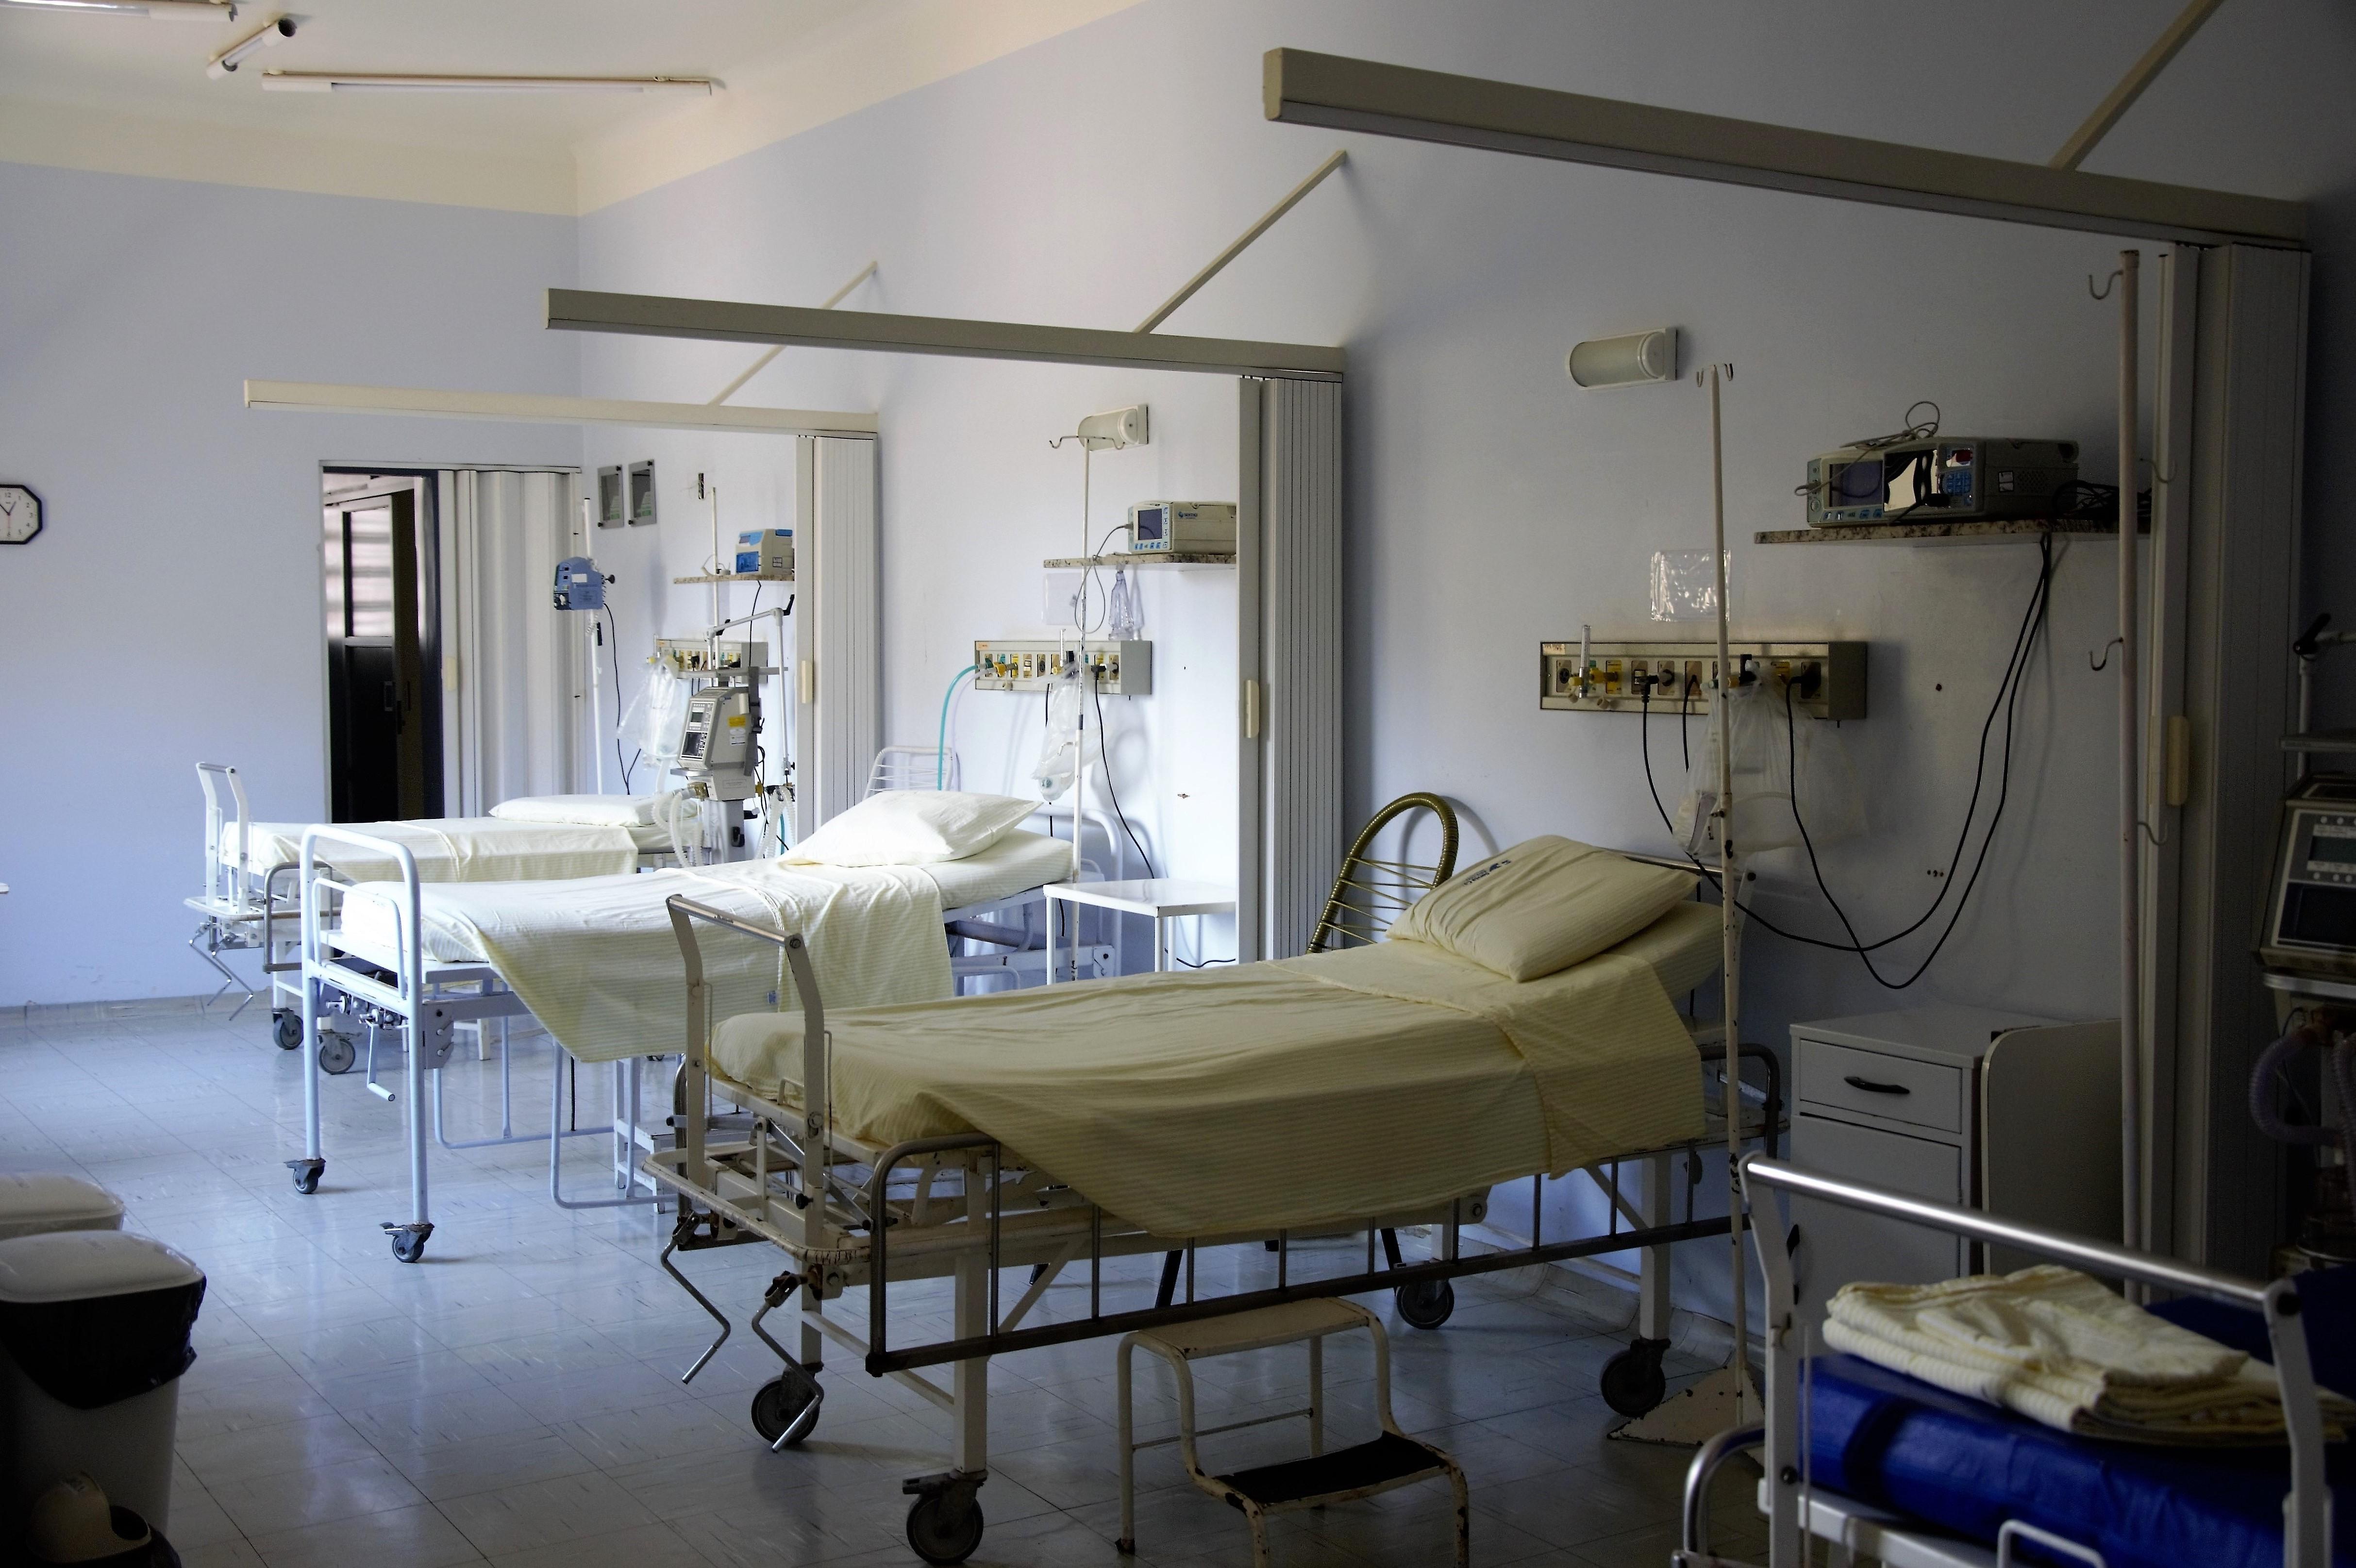 kórház burkolás, klinika burkolás, egészségügy